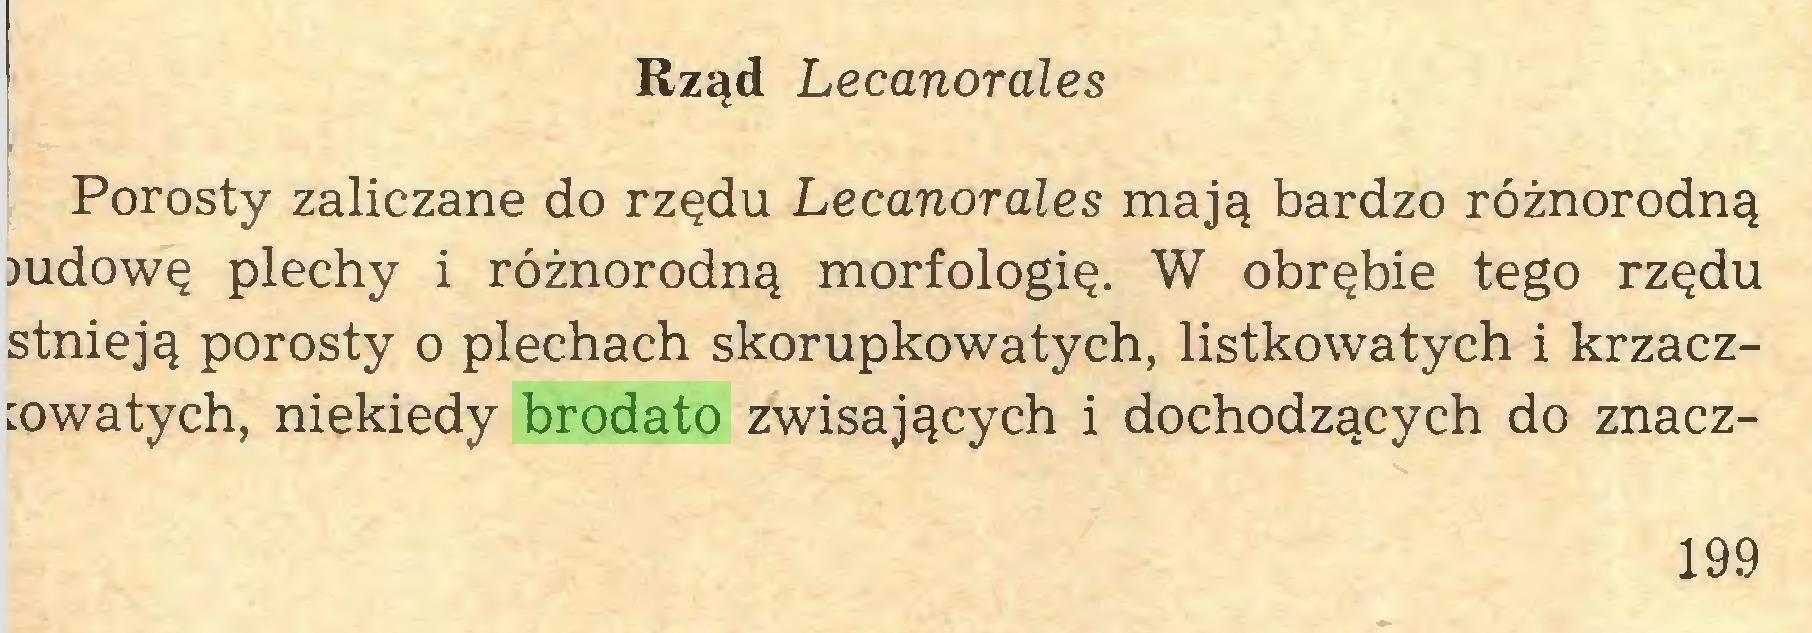 (...) Rząd Lecanorales Porosty zaliczane do rzędu Lecanorales mają bardzo różnorodną judowę plechy i różnorodną morfologię. W obrębie tego rzędu stnieją porosty o plechach skorupkowatych, listkowatych i krzacz:owatych, niekiedy brodato zwisających i dochodzących do znacz199...